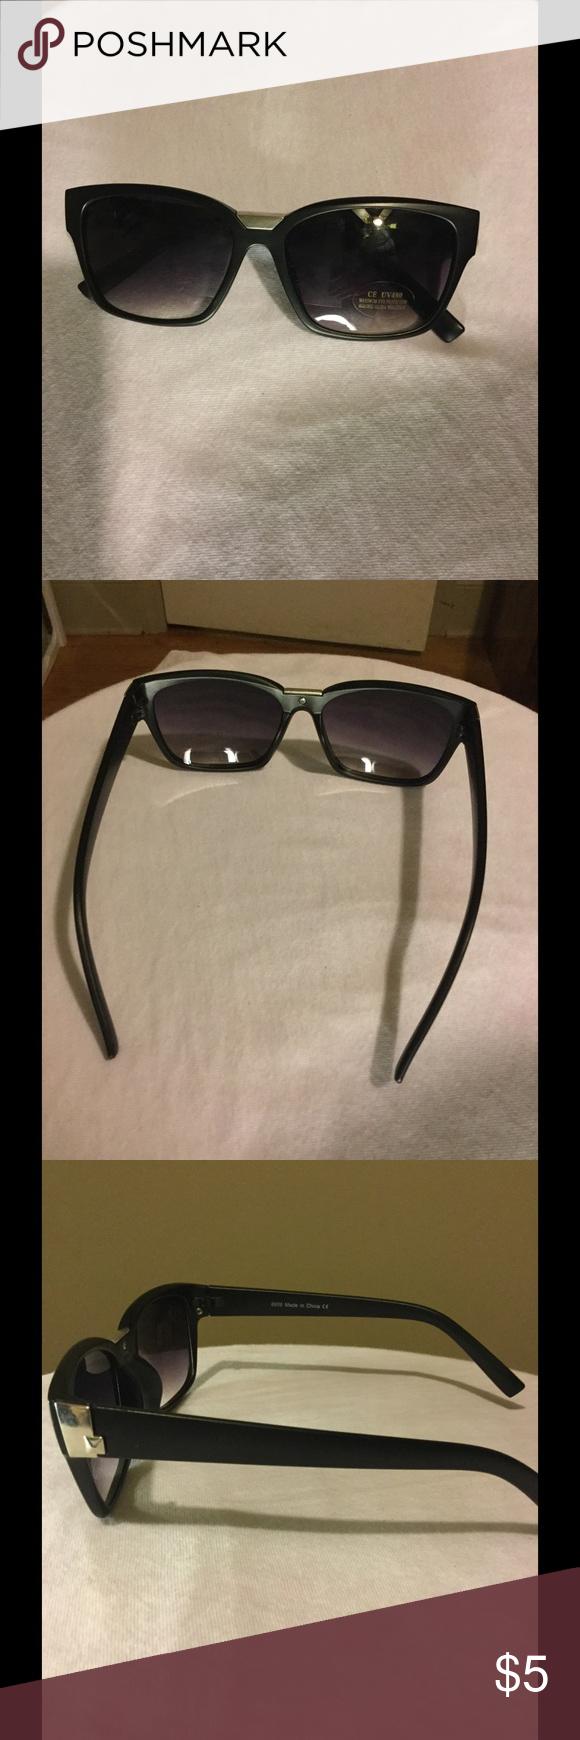 Sunglasses Great condition Accessories Sunglasses